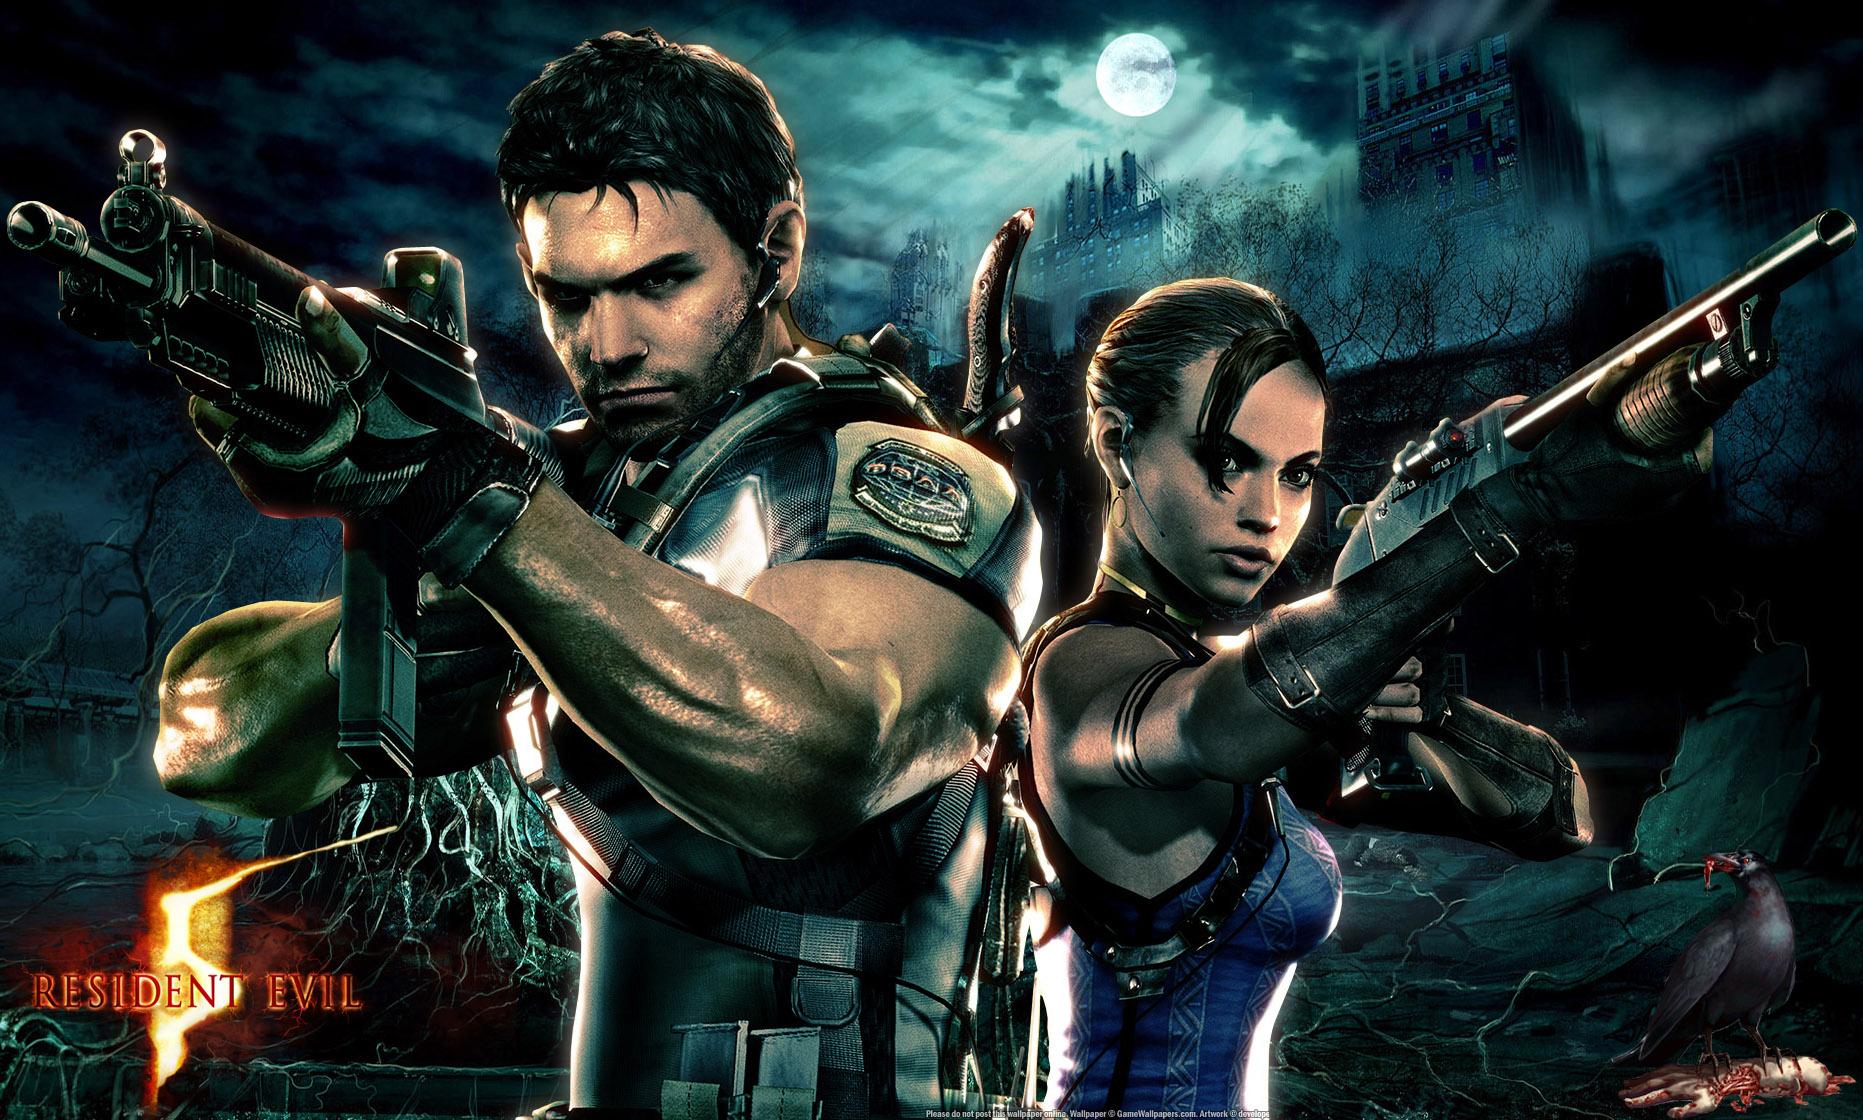 Lindomalvado gamer torrent resident evil 5 gold edition pc - Wallpaper resident evil 5 ...